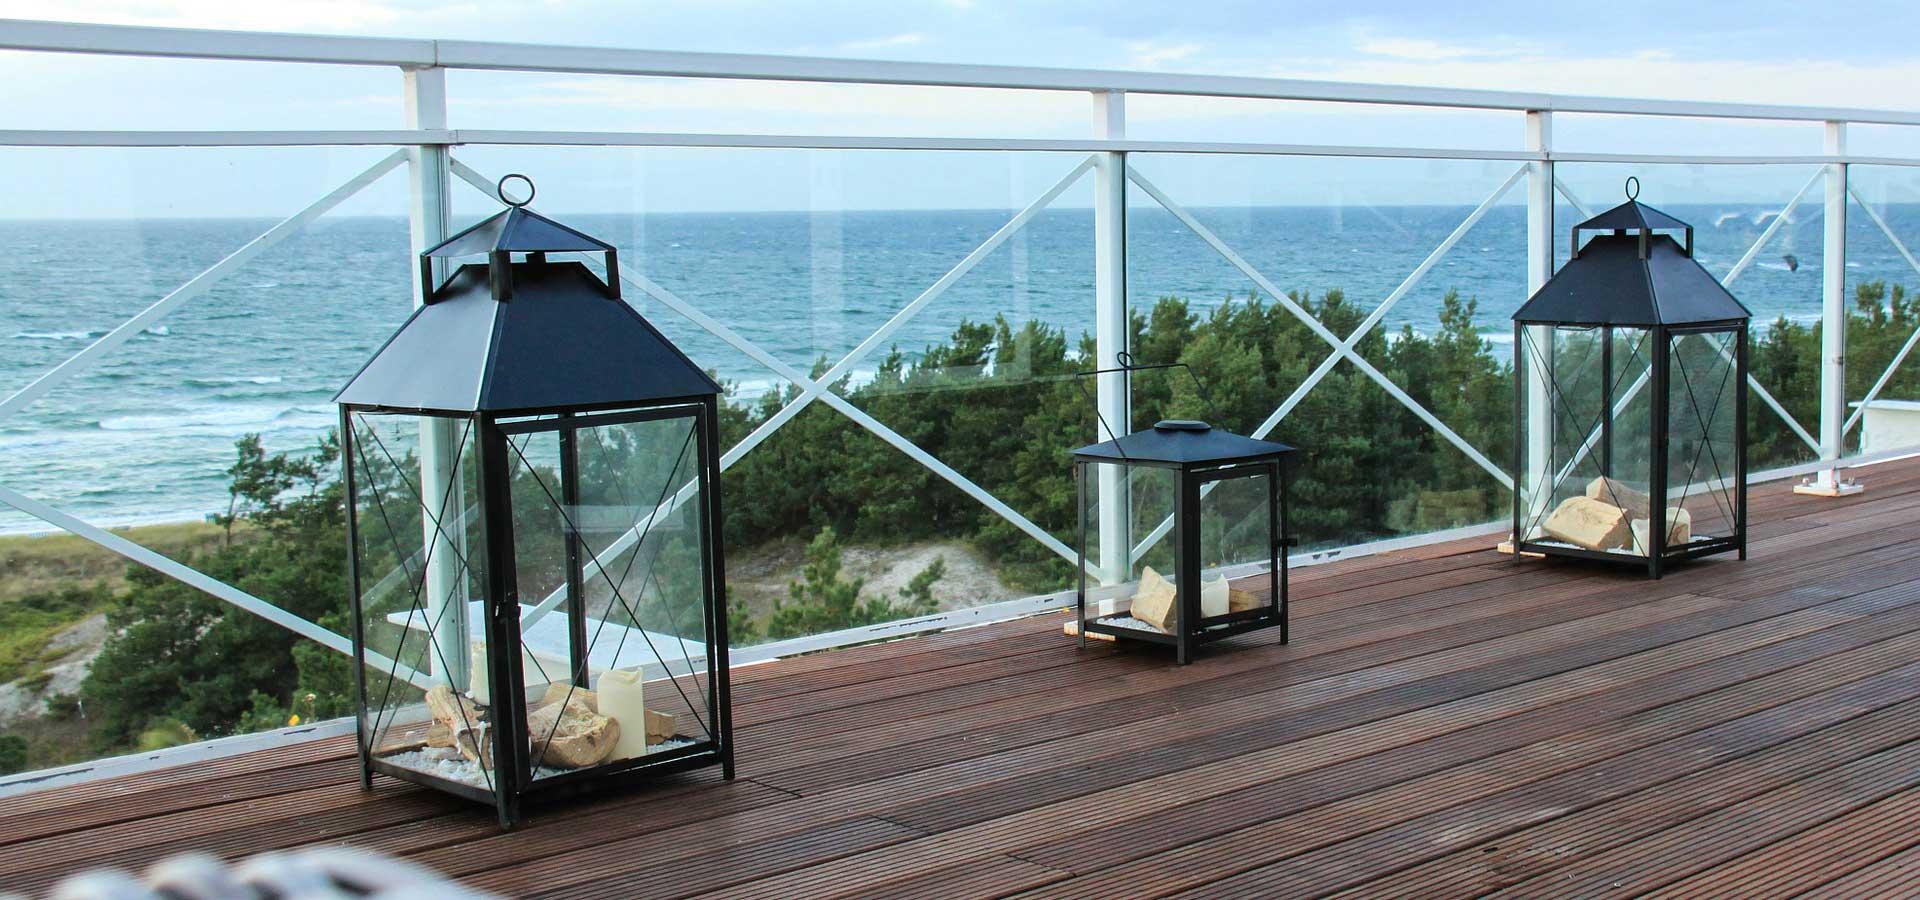 Terrasse aus Thermoesche mit Ausblick aufs Meer